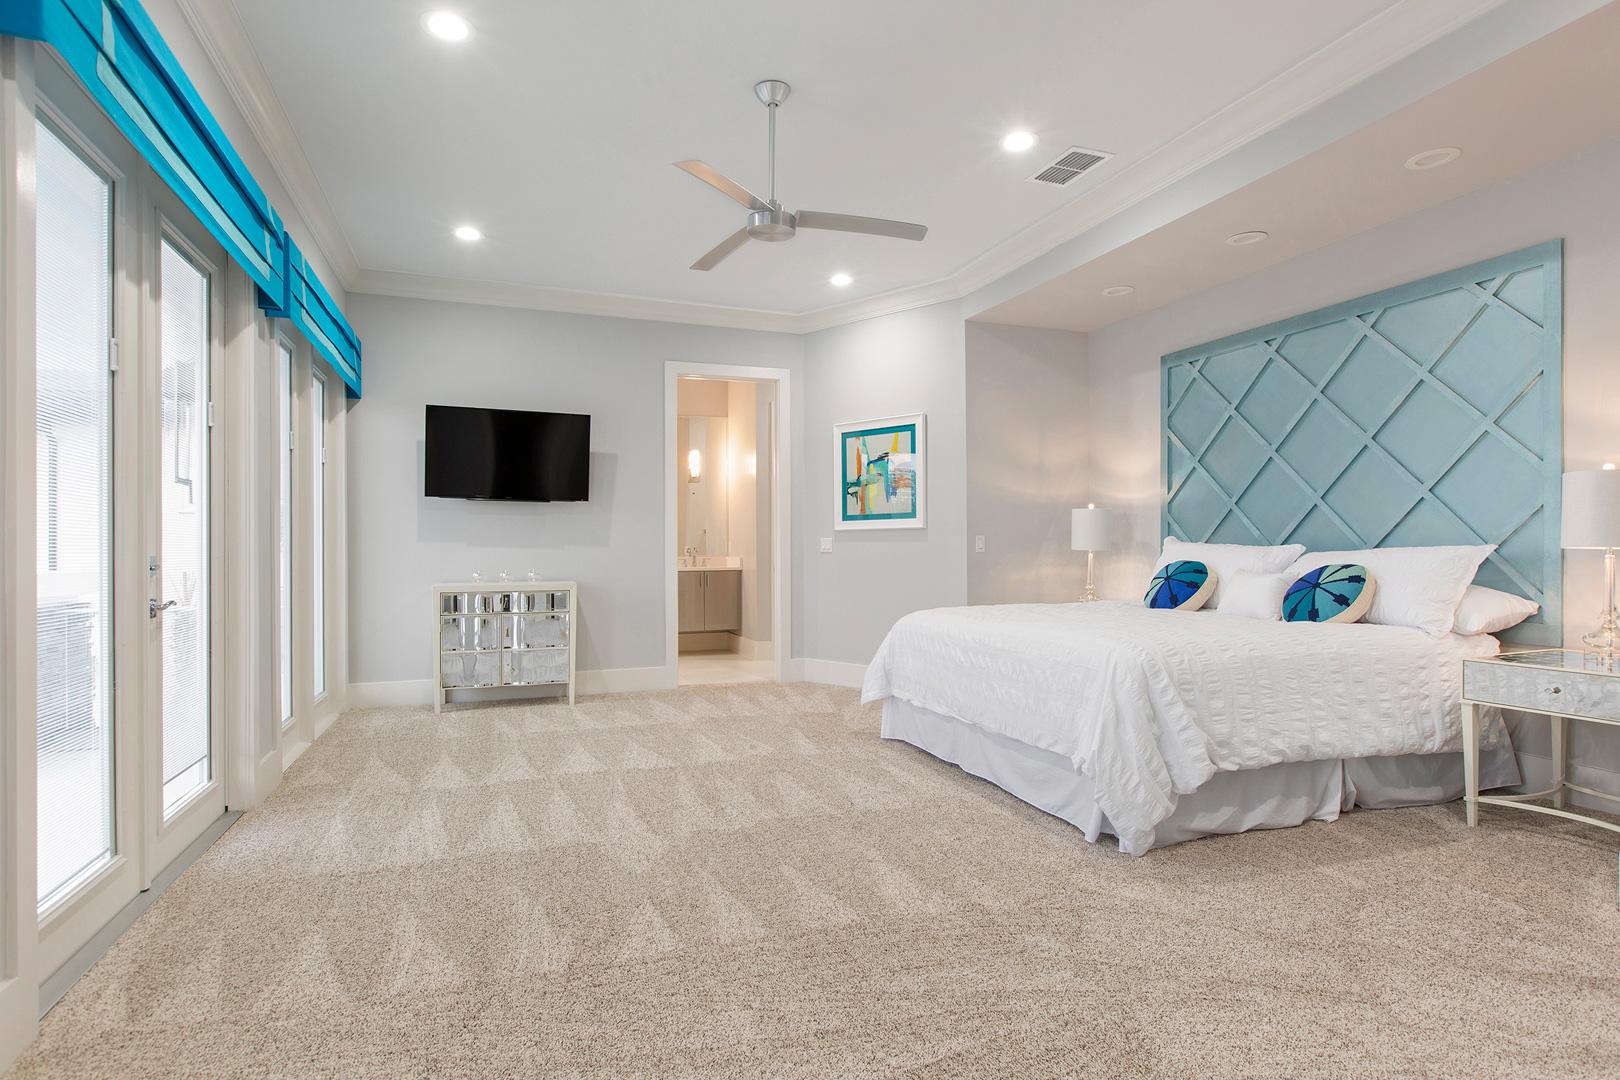 Bedrooms50